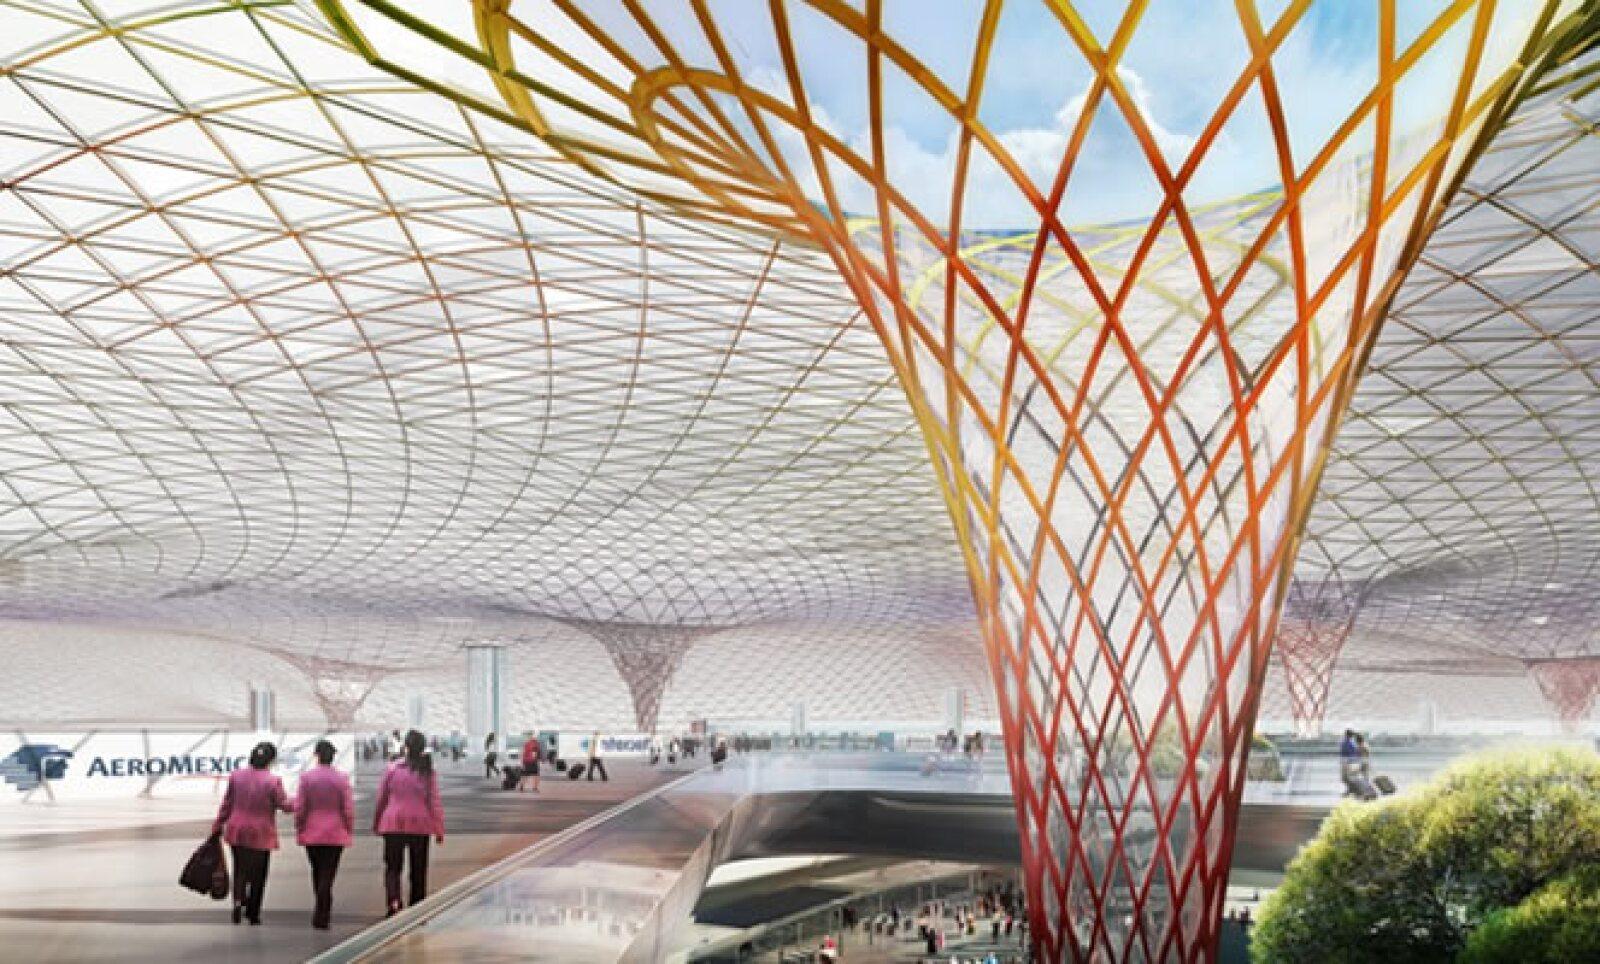 El aeropuerto no tendrá un techo convencional, ni paredes verticales y tampoco columnas normales, según uno de sus diseñadores, Norman Foster.